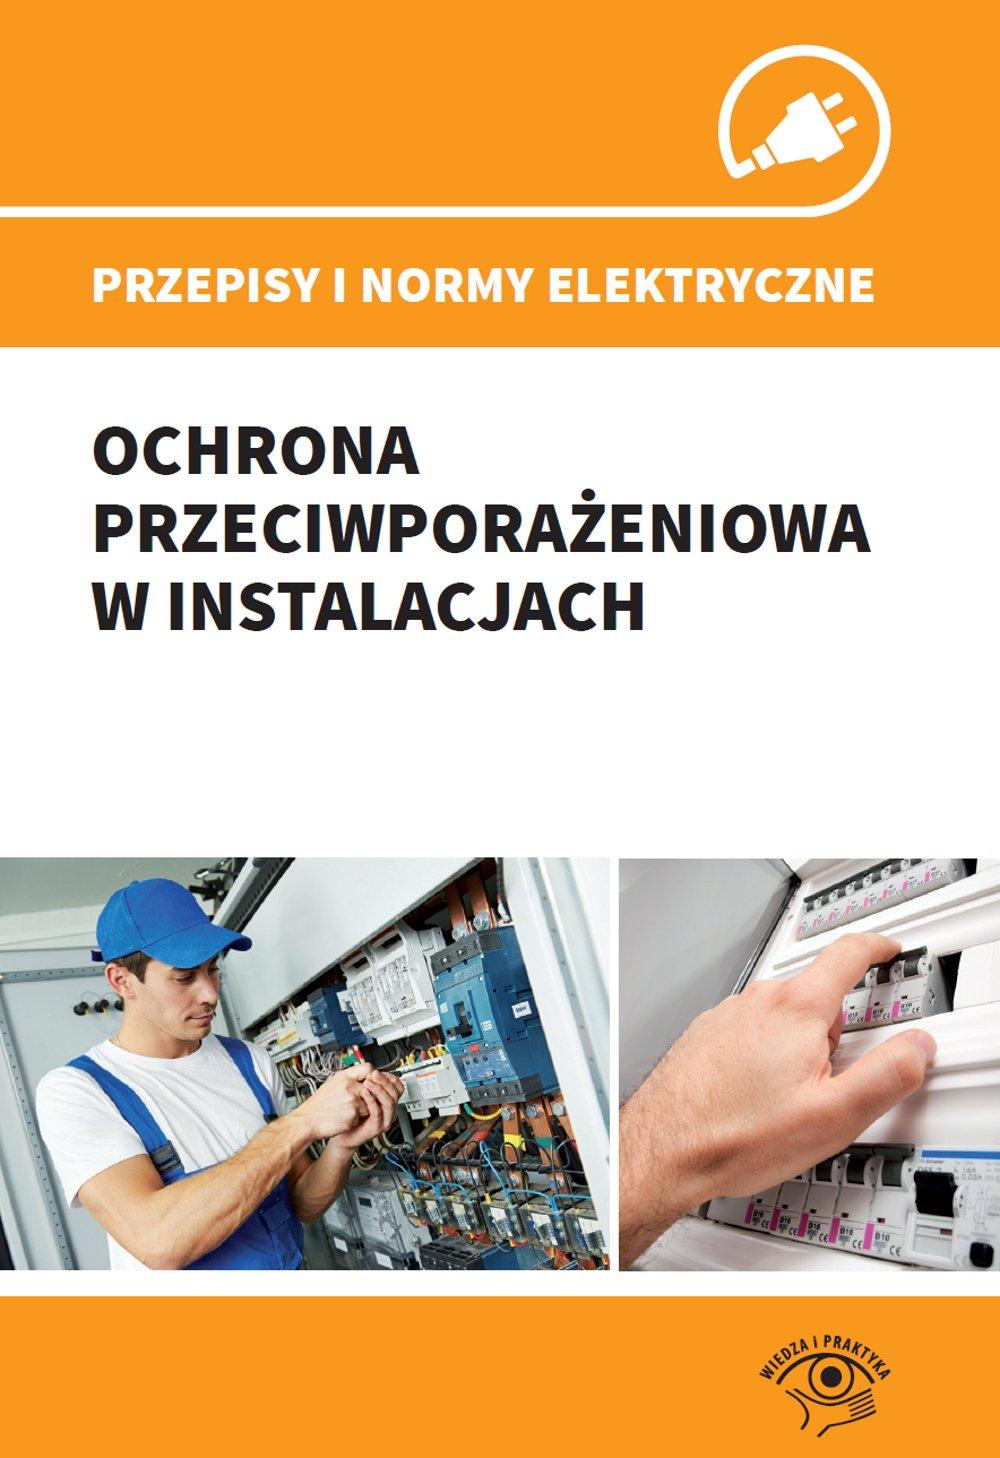 Przepisy i normy elektryczne - ochrona przeciwporażeniowa w instalacjach - Ebook (Książka EPUB) do pobrania w formacie EPUB